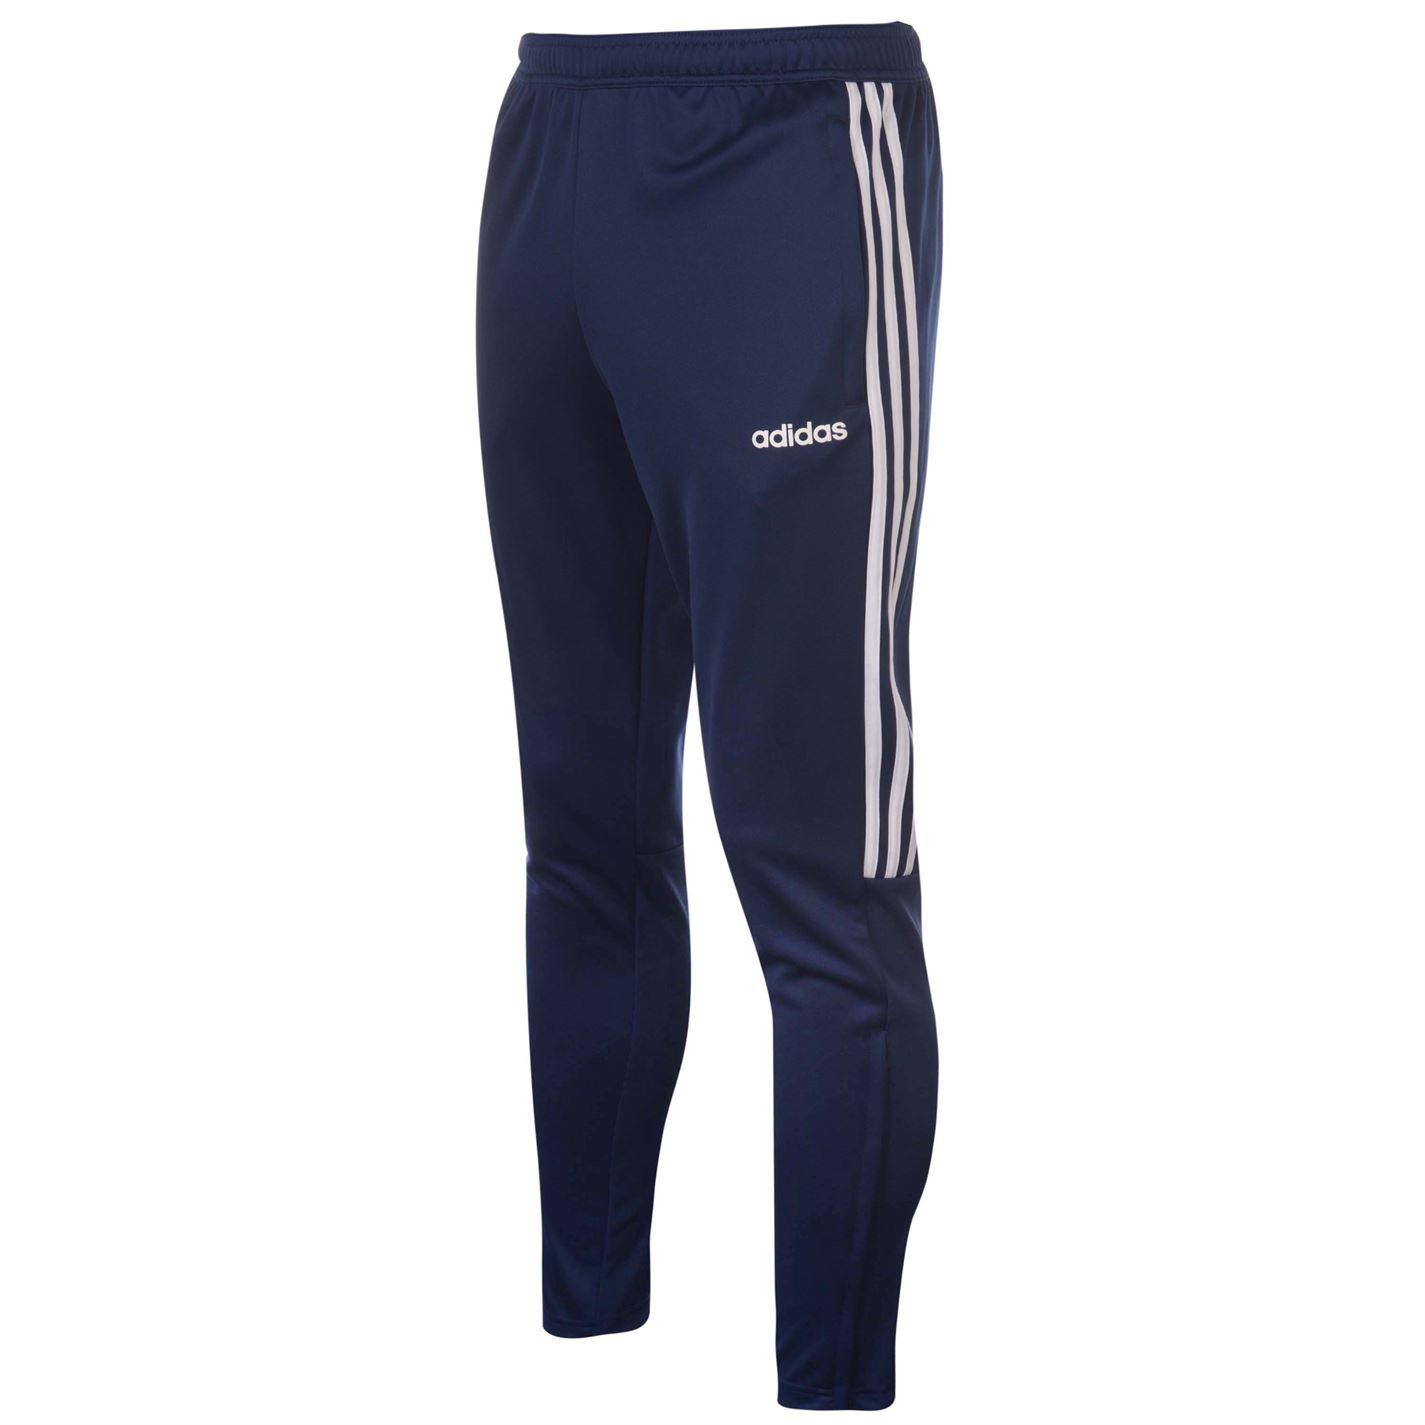 Adidas 3 Stripe Sereno pánska tepláková súprava